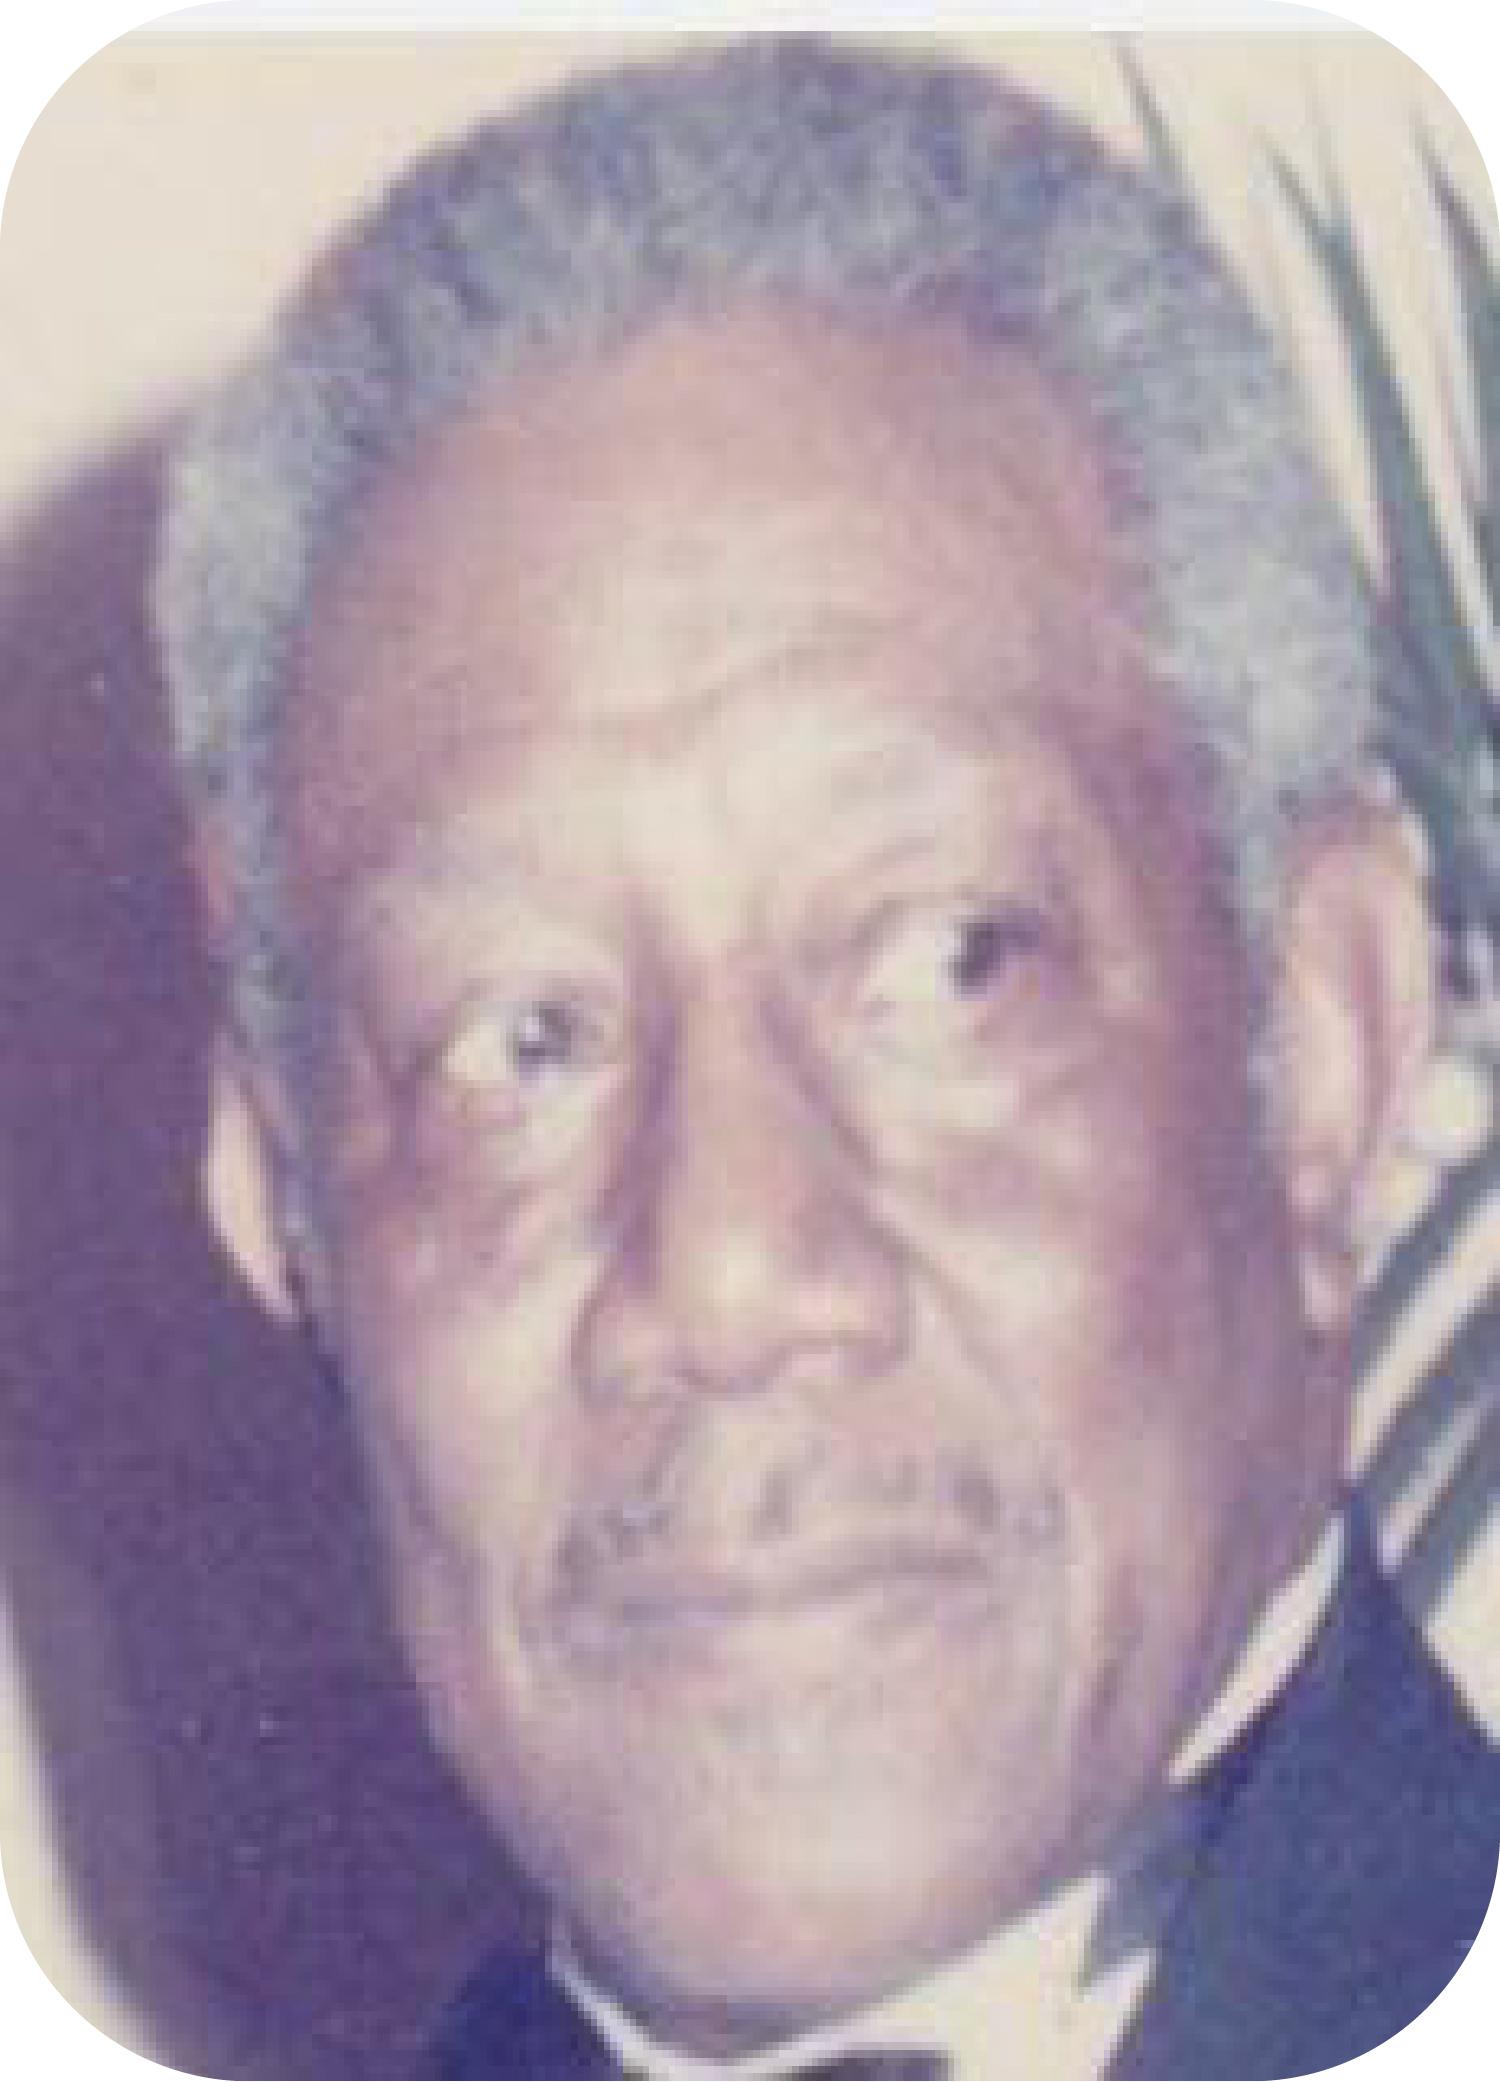 Arthur T. Shack